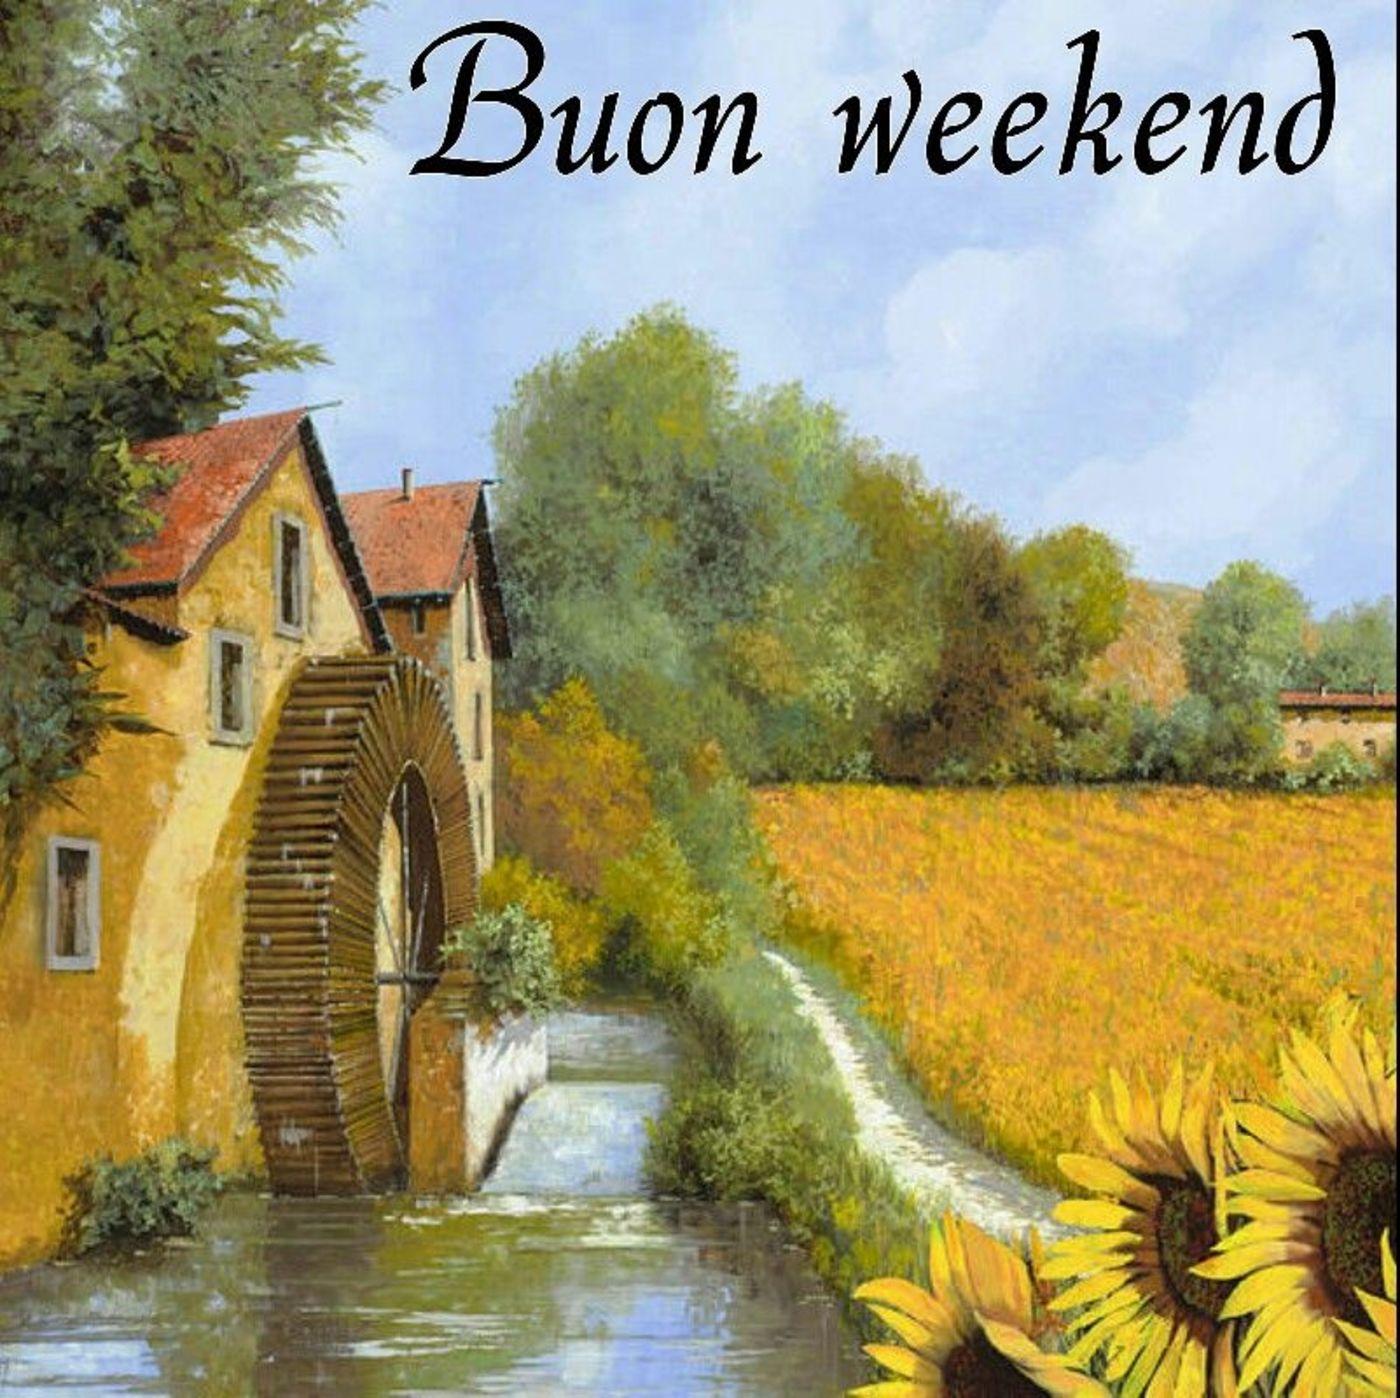 Buon Weekend immagini belle 3957 - BuongiornissimoCaffe.it